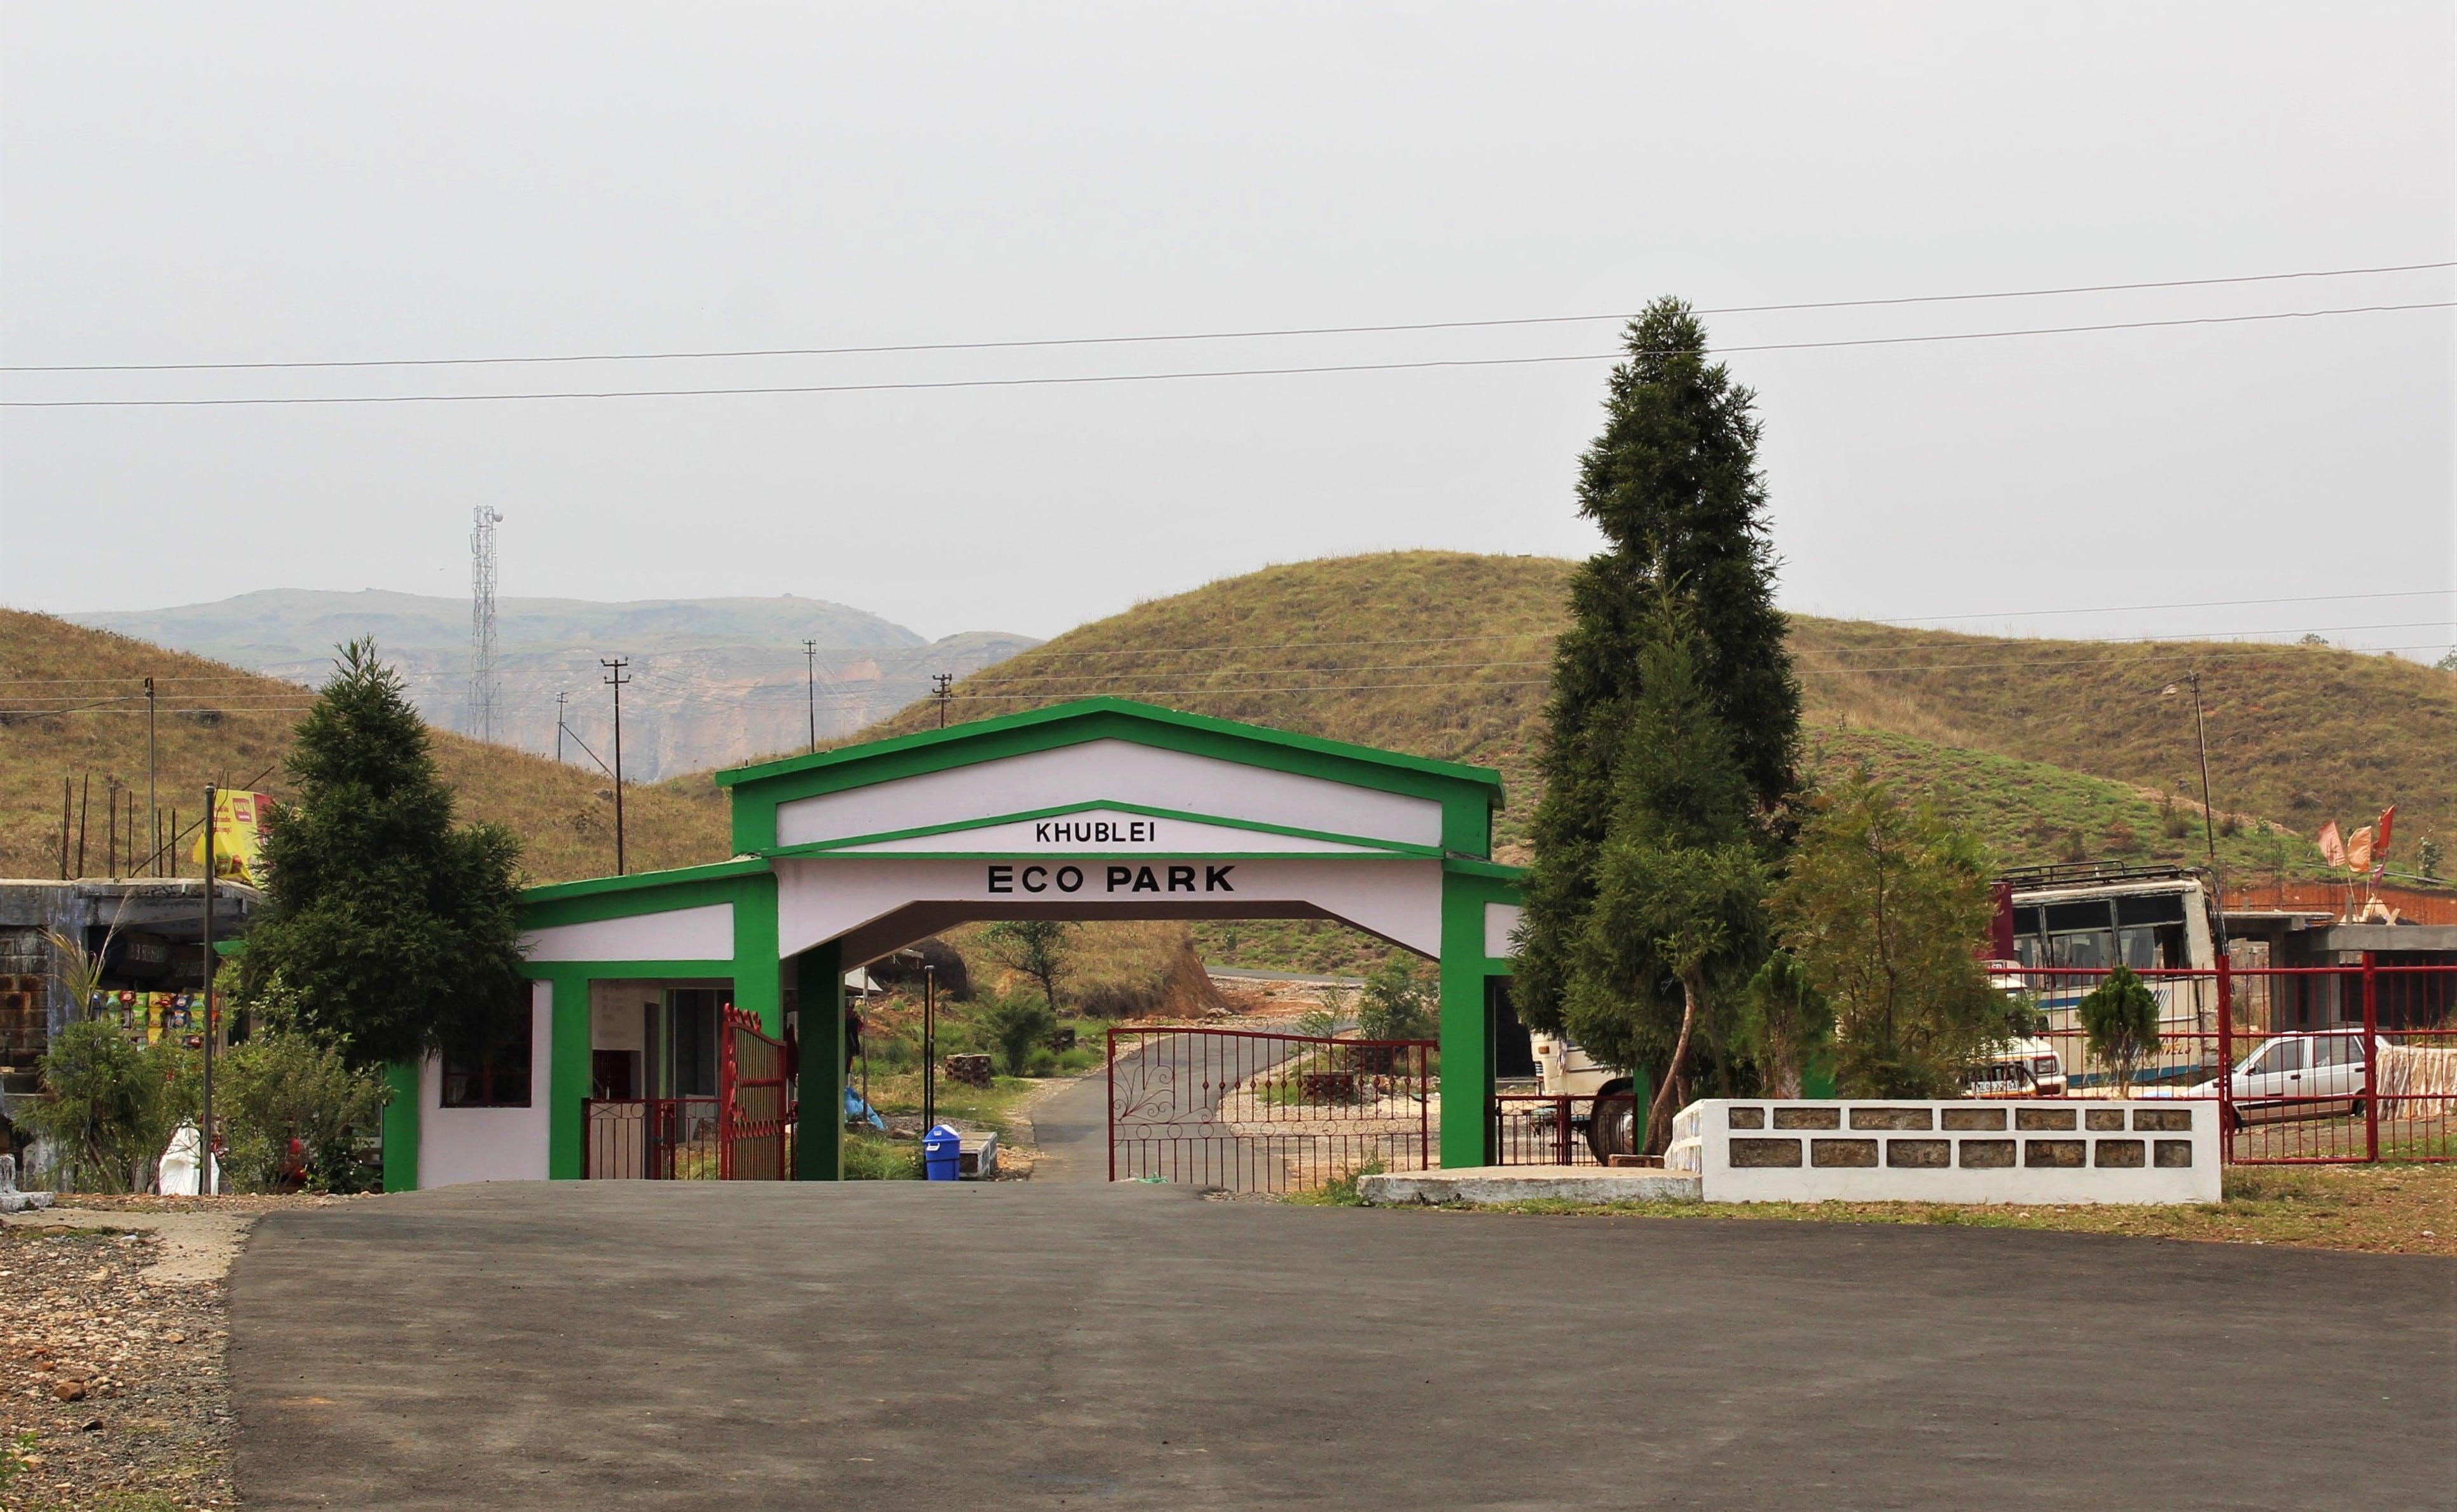 The Eco Park